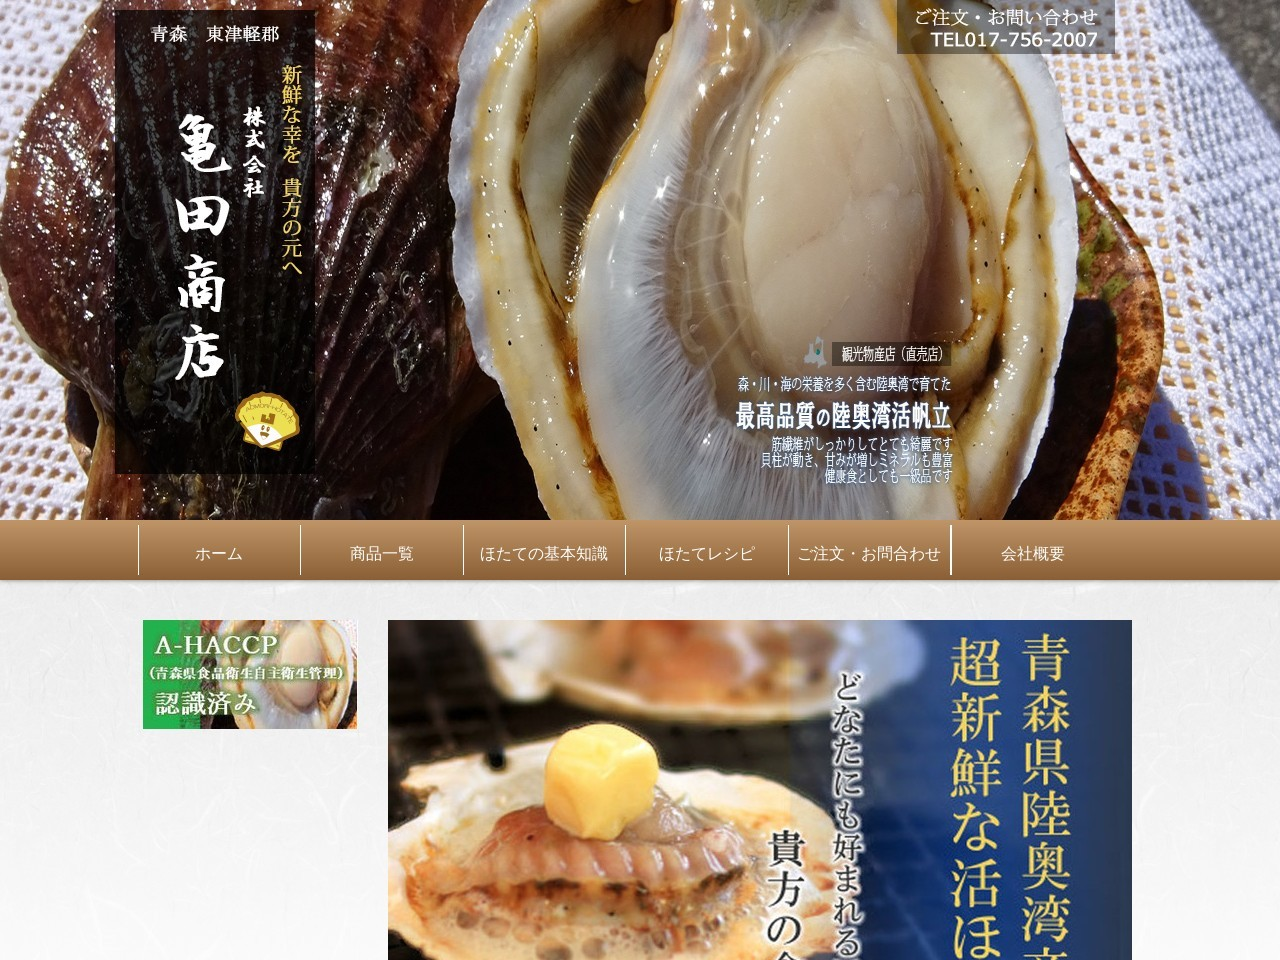 ホタテの亀田商店 - 青森県陸奥湾産活帆立・新鮮な幸を貴方の食卓に